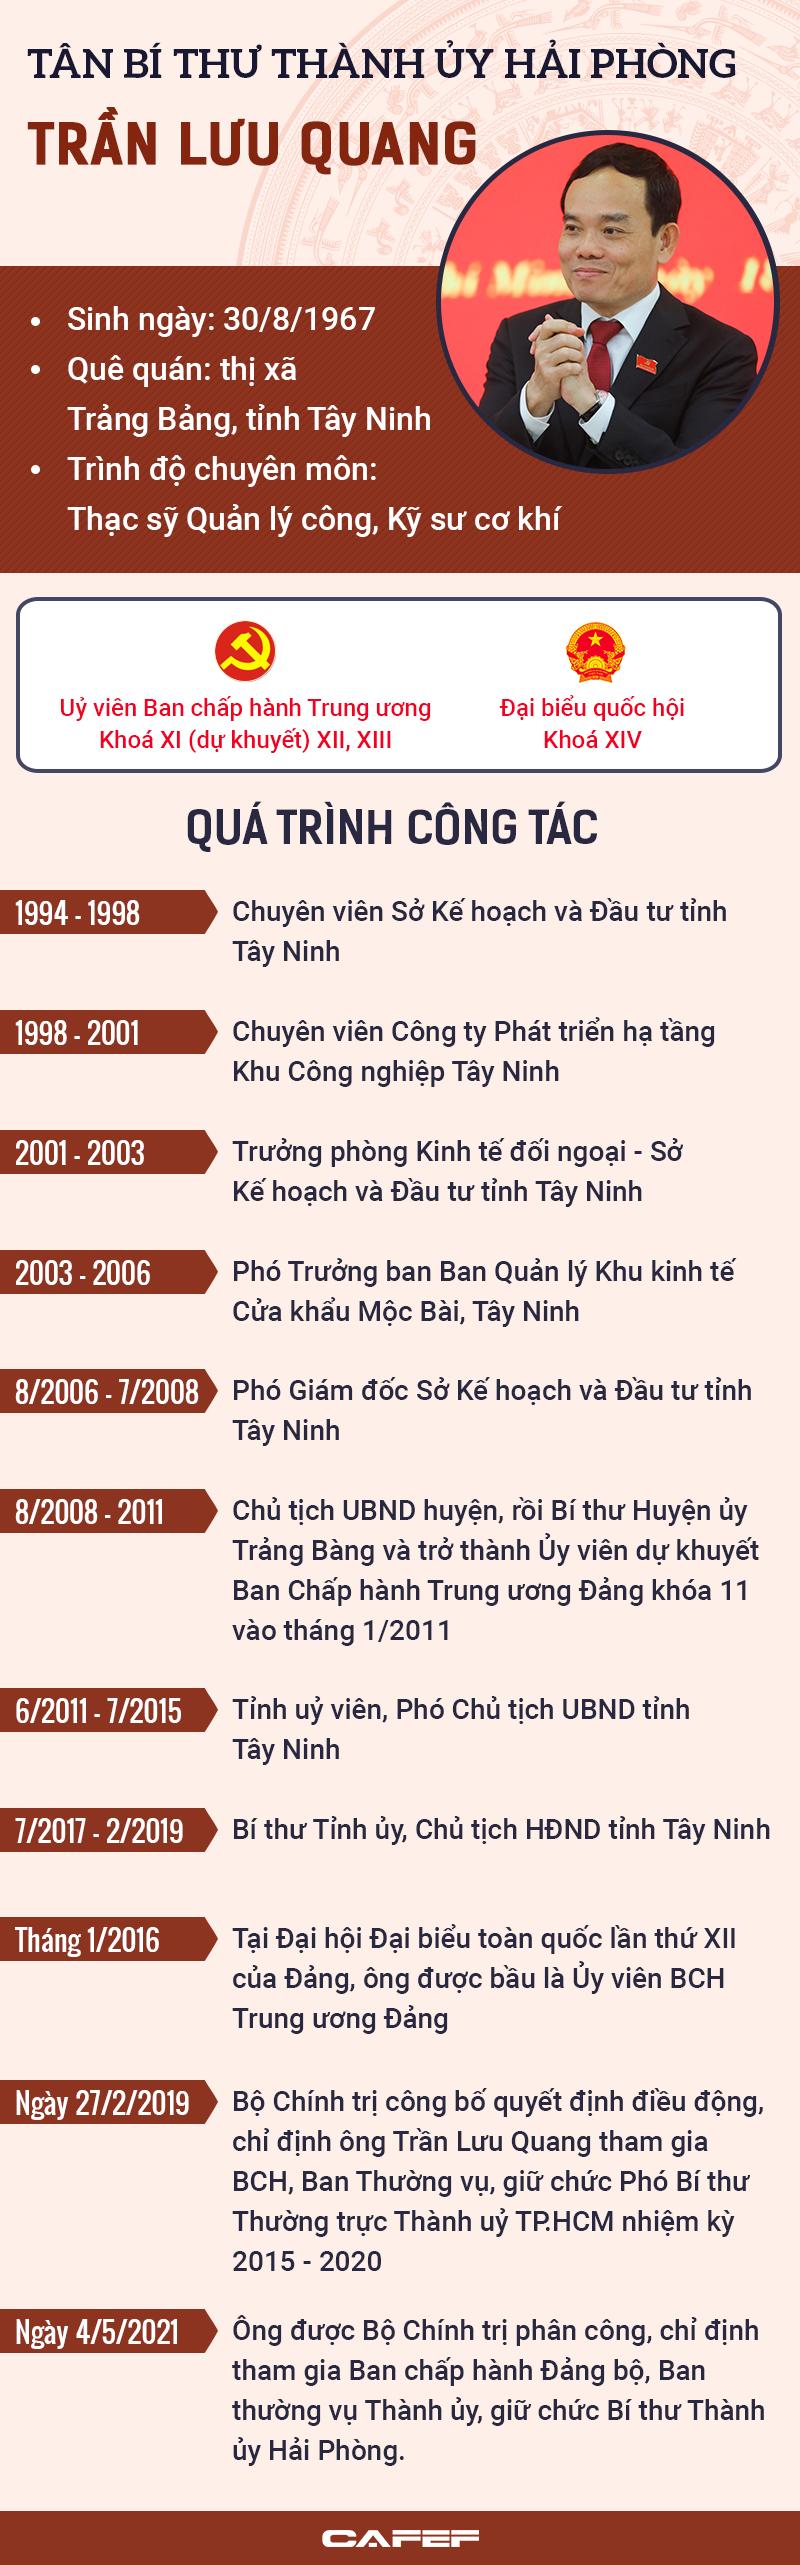 Chân dung tân Bí thư Thành ủy Hải Phòng Trần Lưu Quang - Ảnh 1.